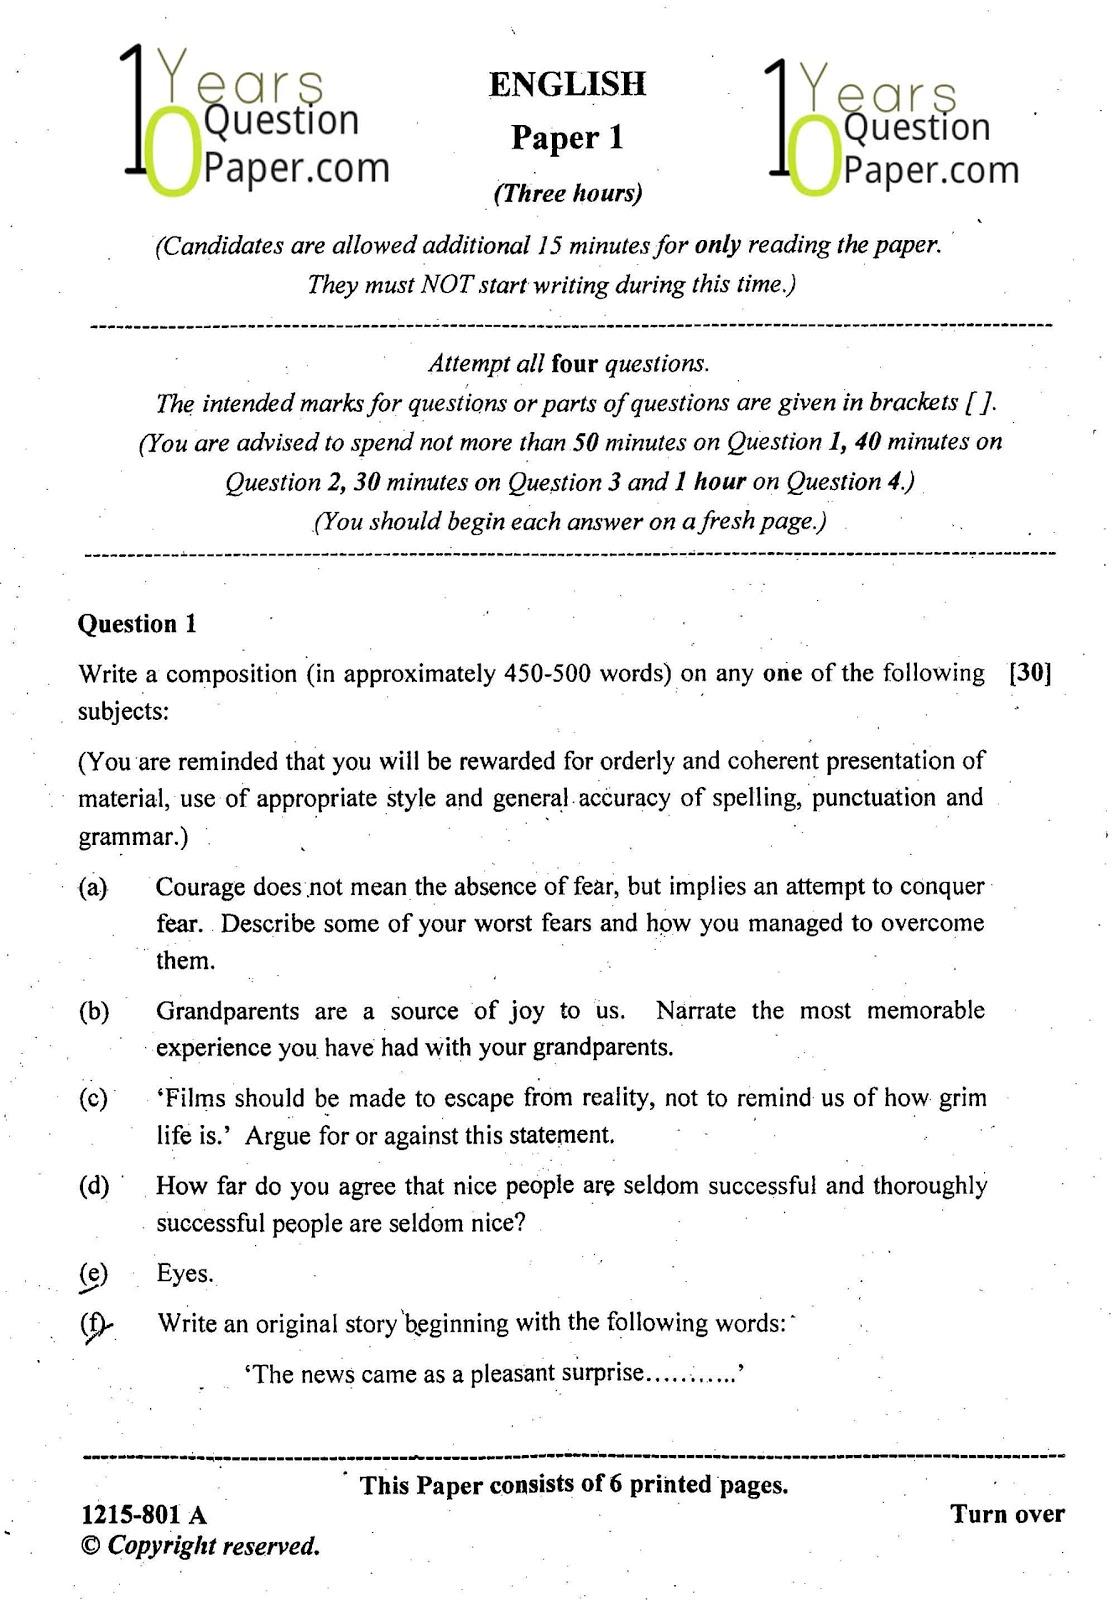 008 Essay Example English Topics Isc Paper Class Dreaded Literature Question For 10 Icse 2015 Maharashtra Board Full